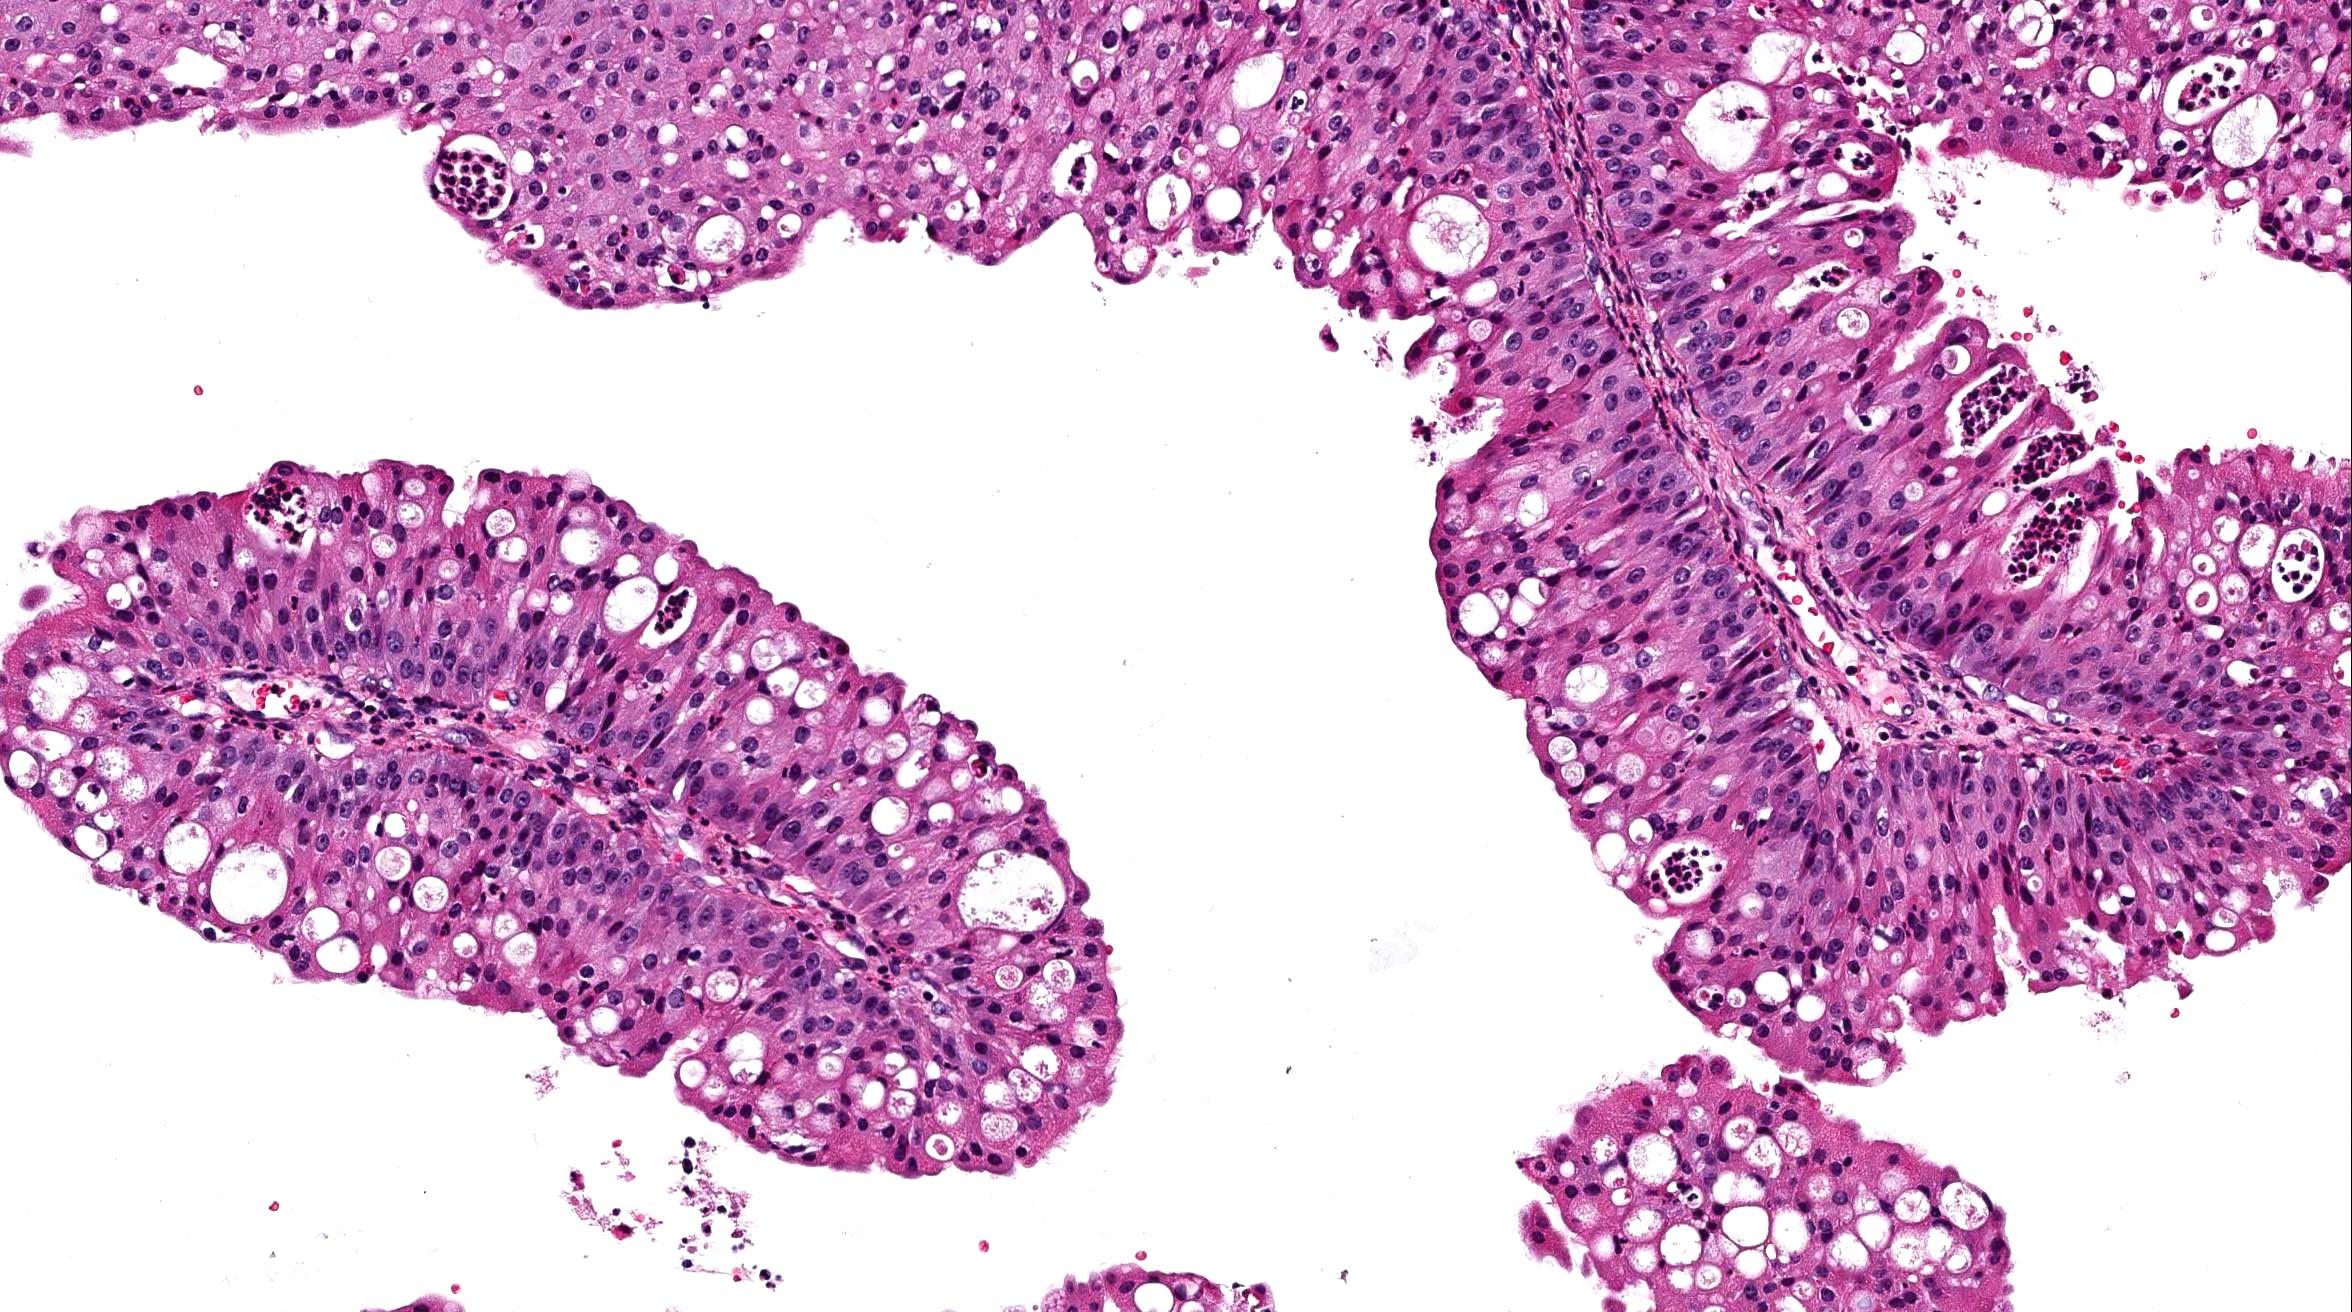 schneiderian papilloma histopathology